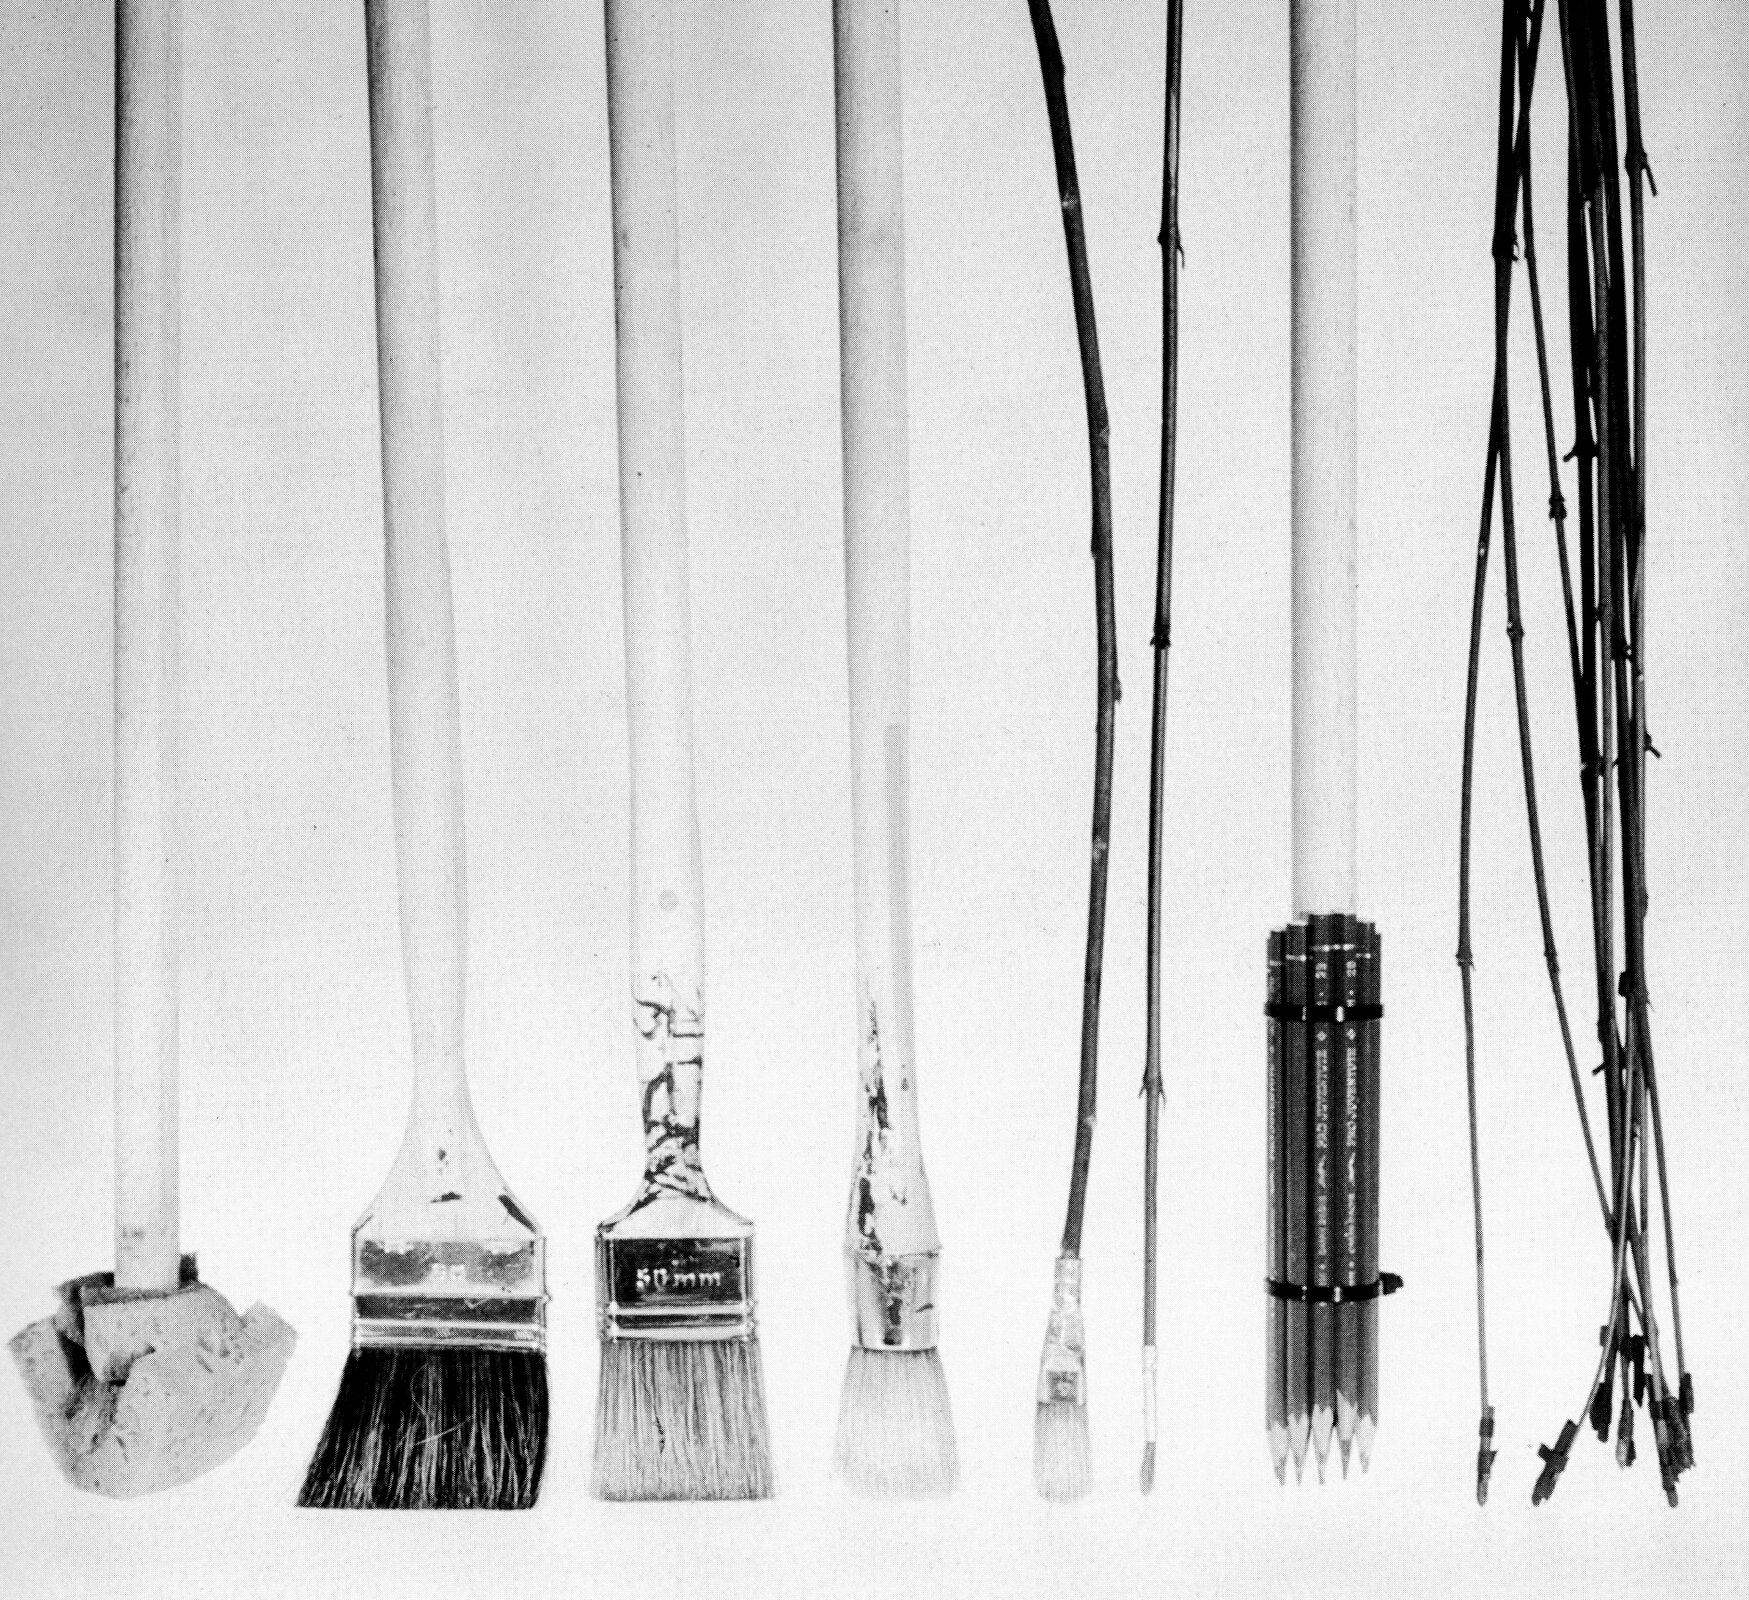 Ilustracja przedstawiająca różne narzędzia rysunkowe.